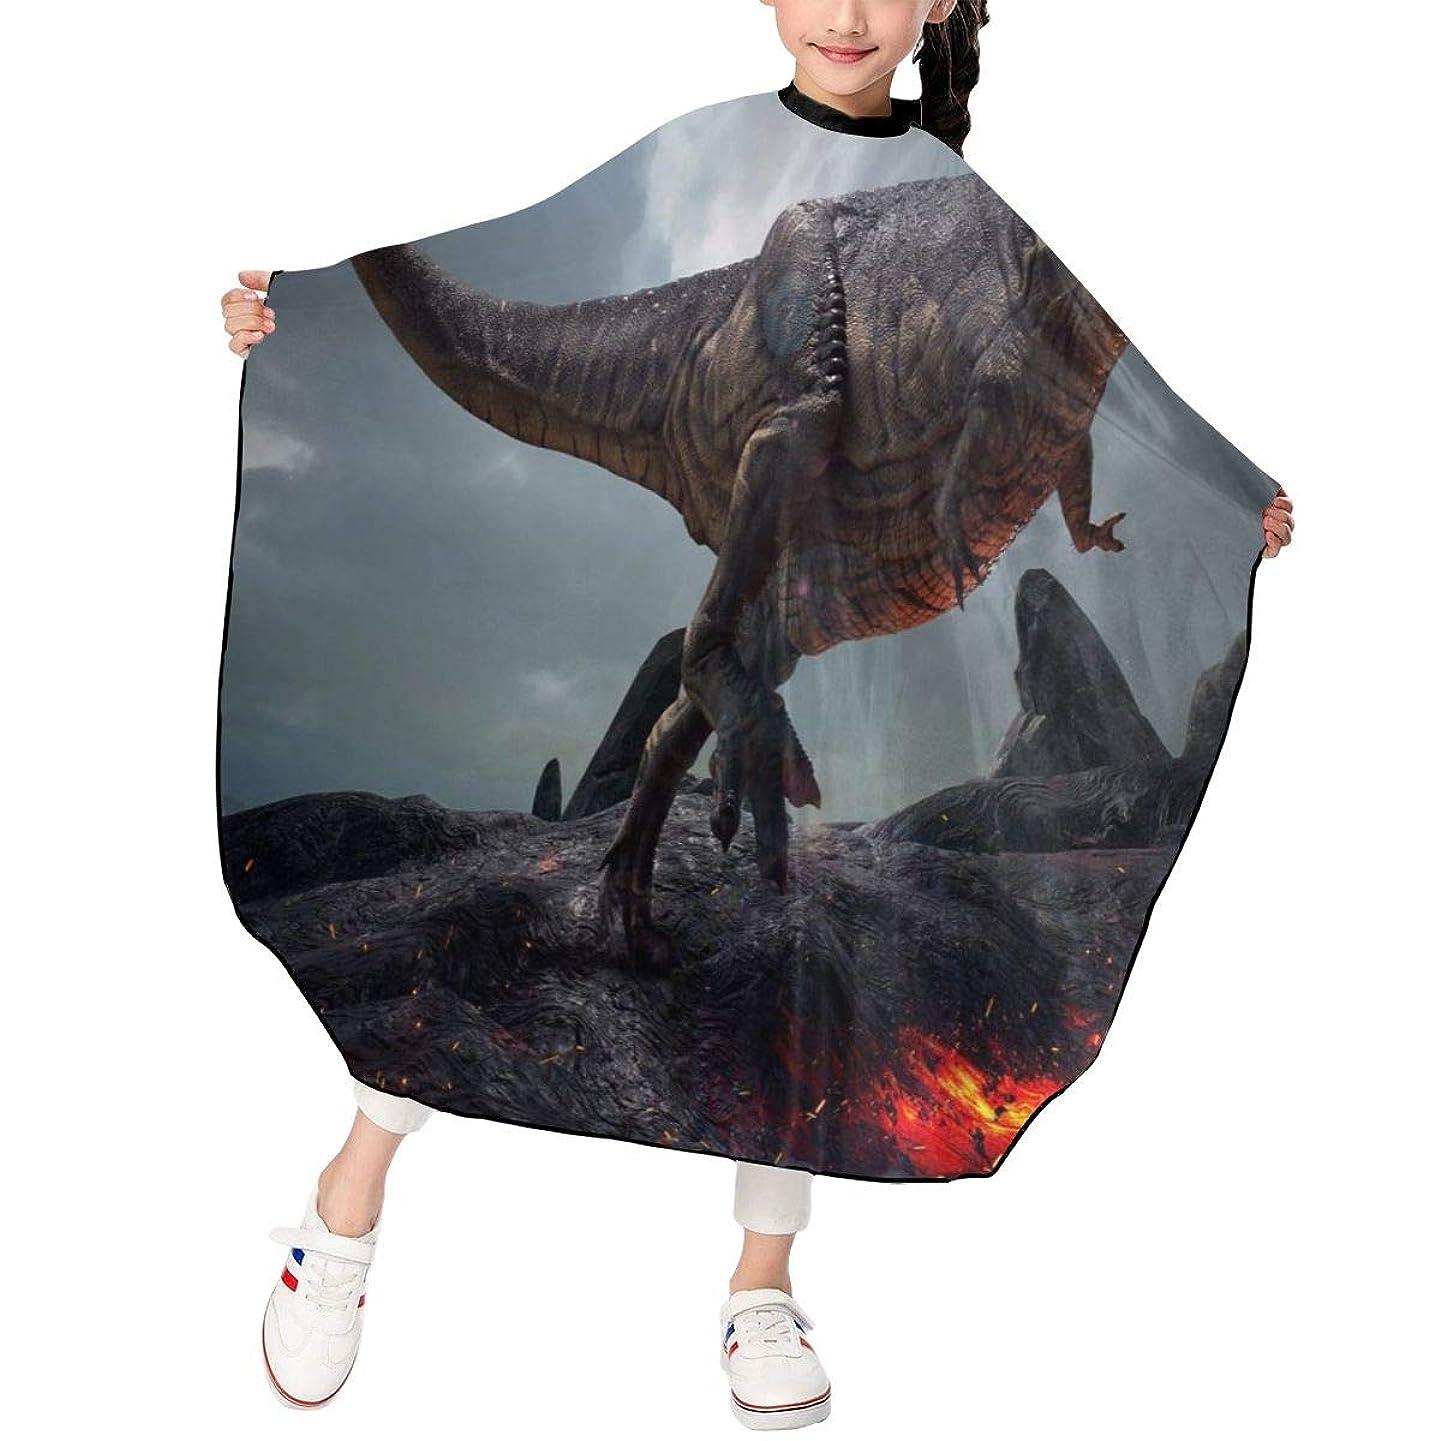 アイスクリーム地殻コンデンサー最新の人気ヘアカットエプロン 子供用ヘアカットエプロン120×100cm 恐竜 柔らかく、軽量で、繊細なポリエステル生地、肌にやさしい、ドライ